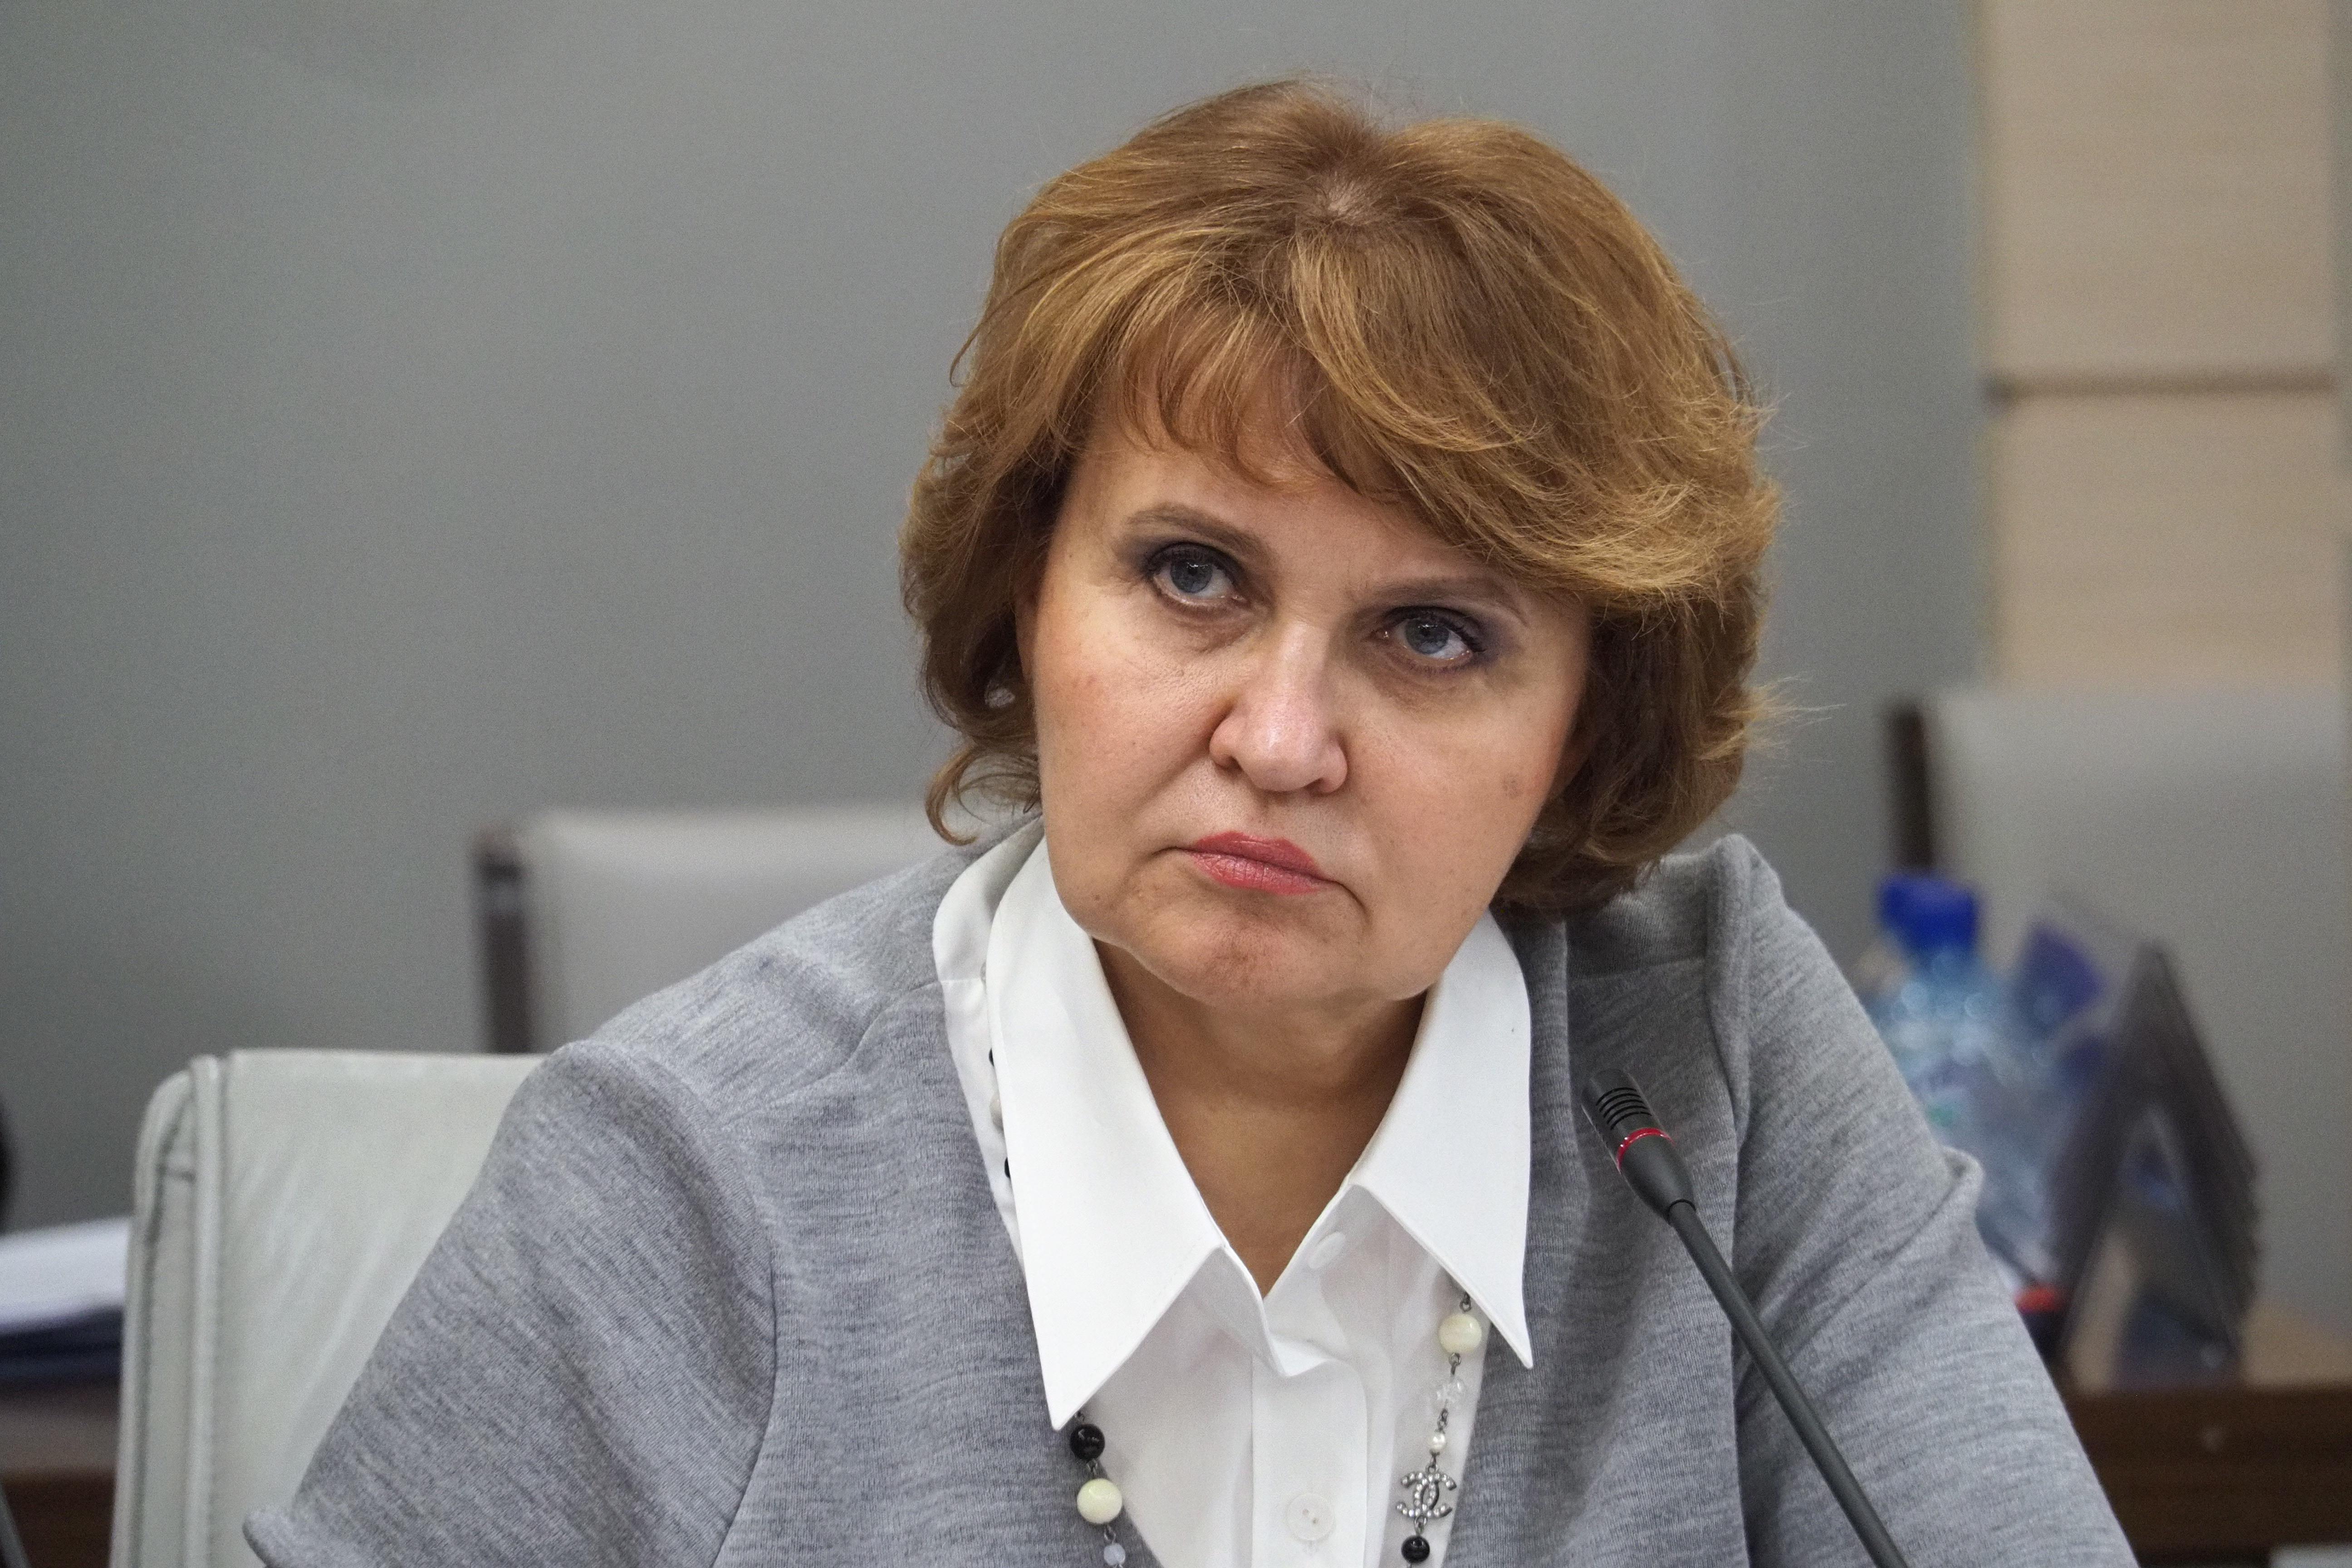 Депутат МГД Гусева: Заимствования позволят сохранить расходы бюджета на соцподдержку и развитие